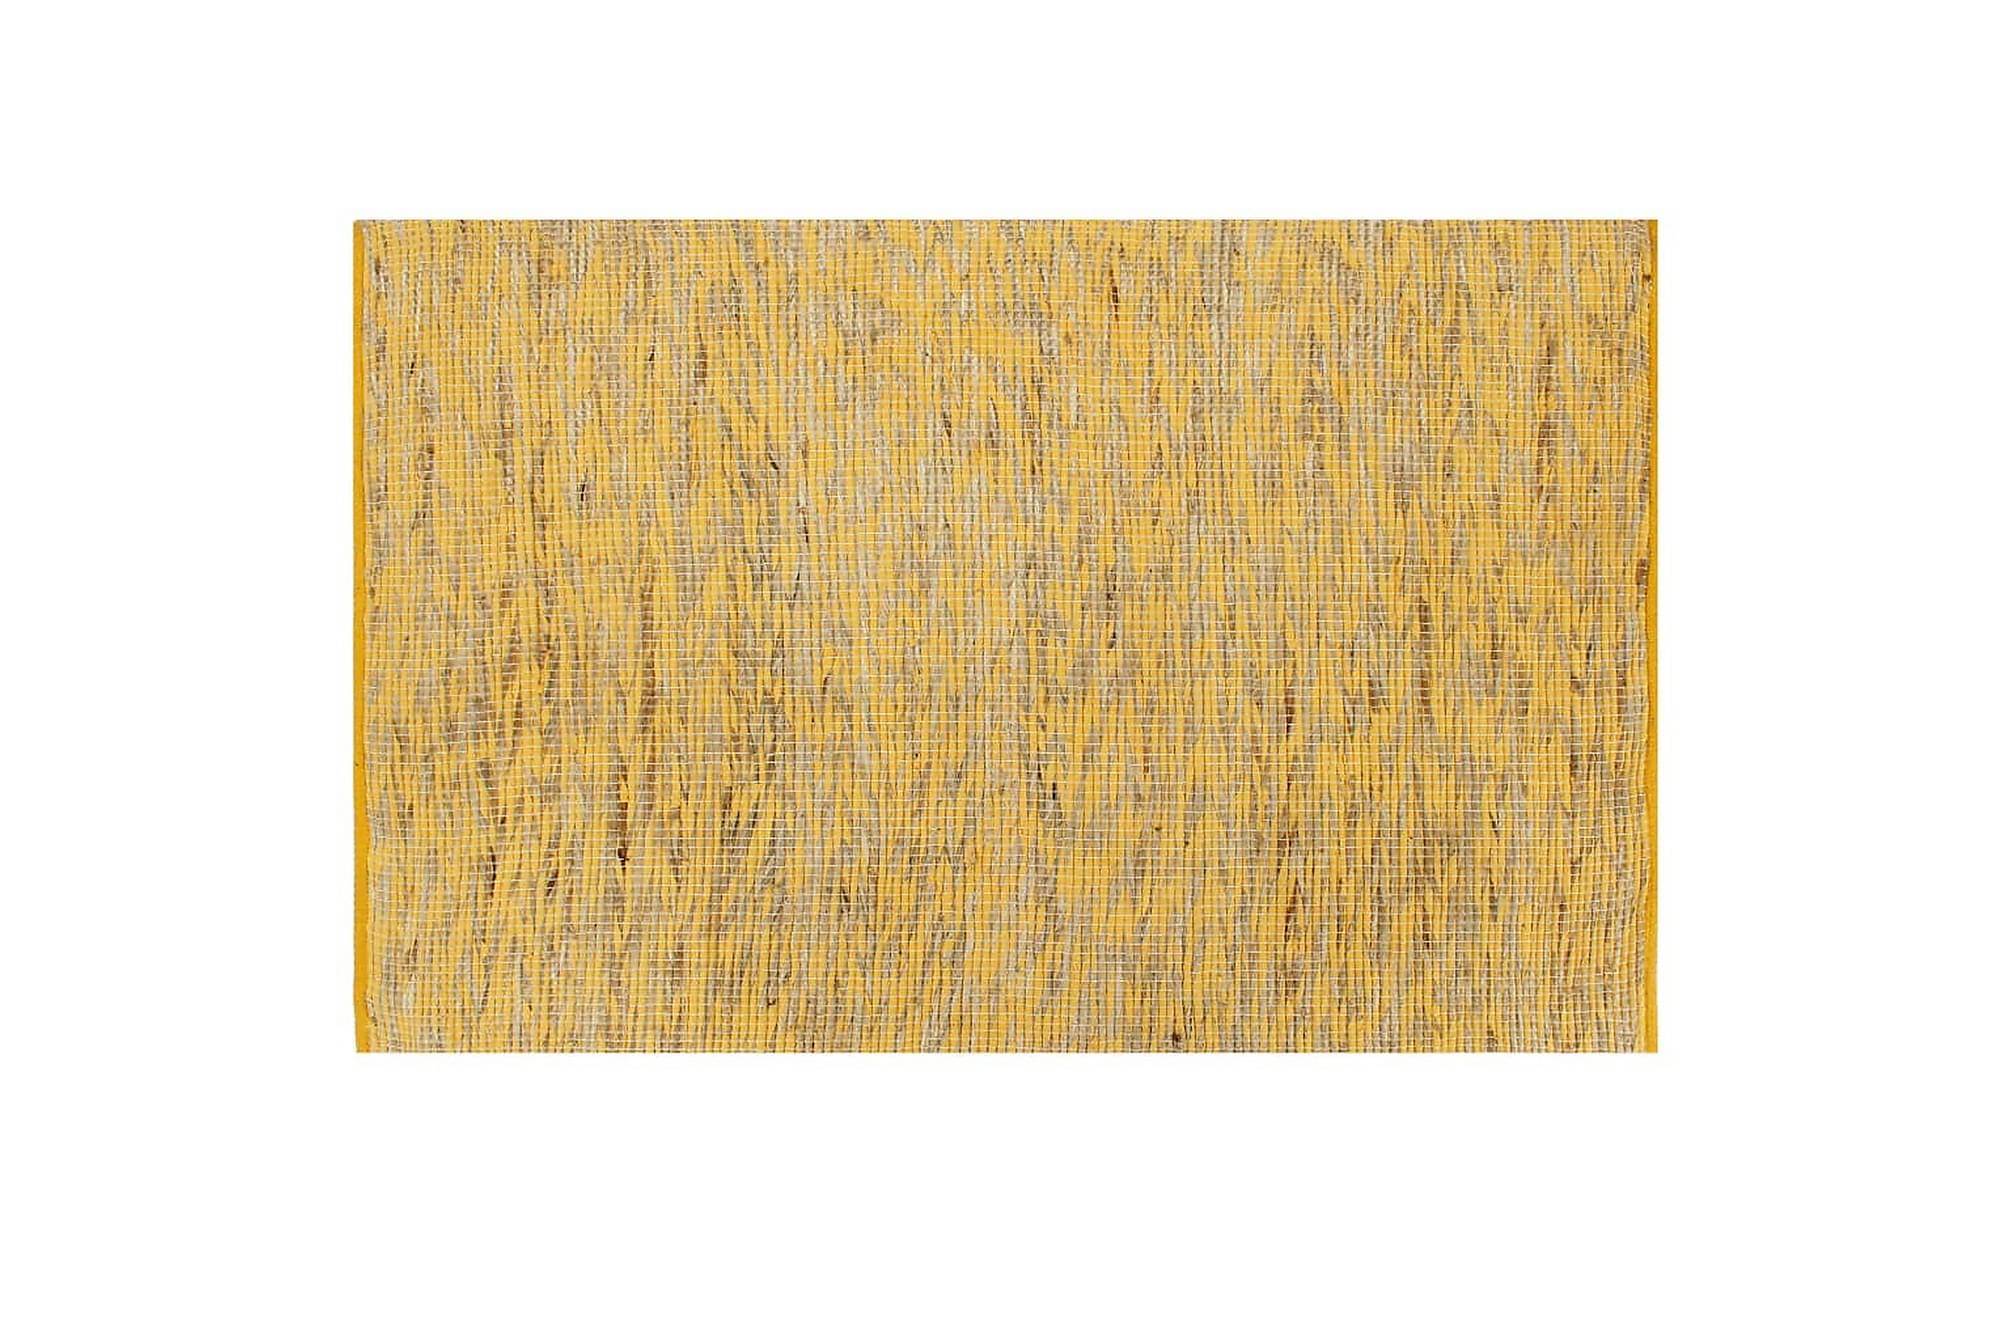 Handgjord jutematta gul och naturlig 160x230 cm, Handvävda mattor